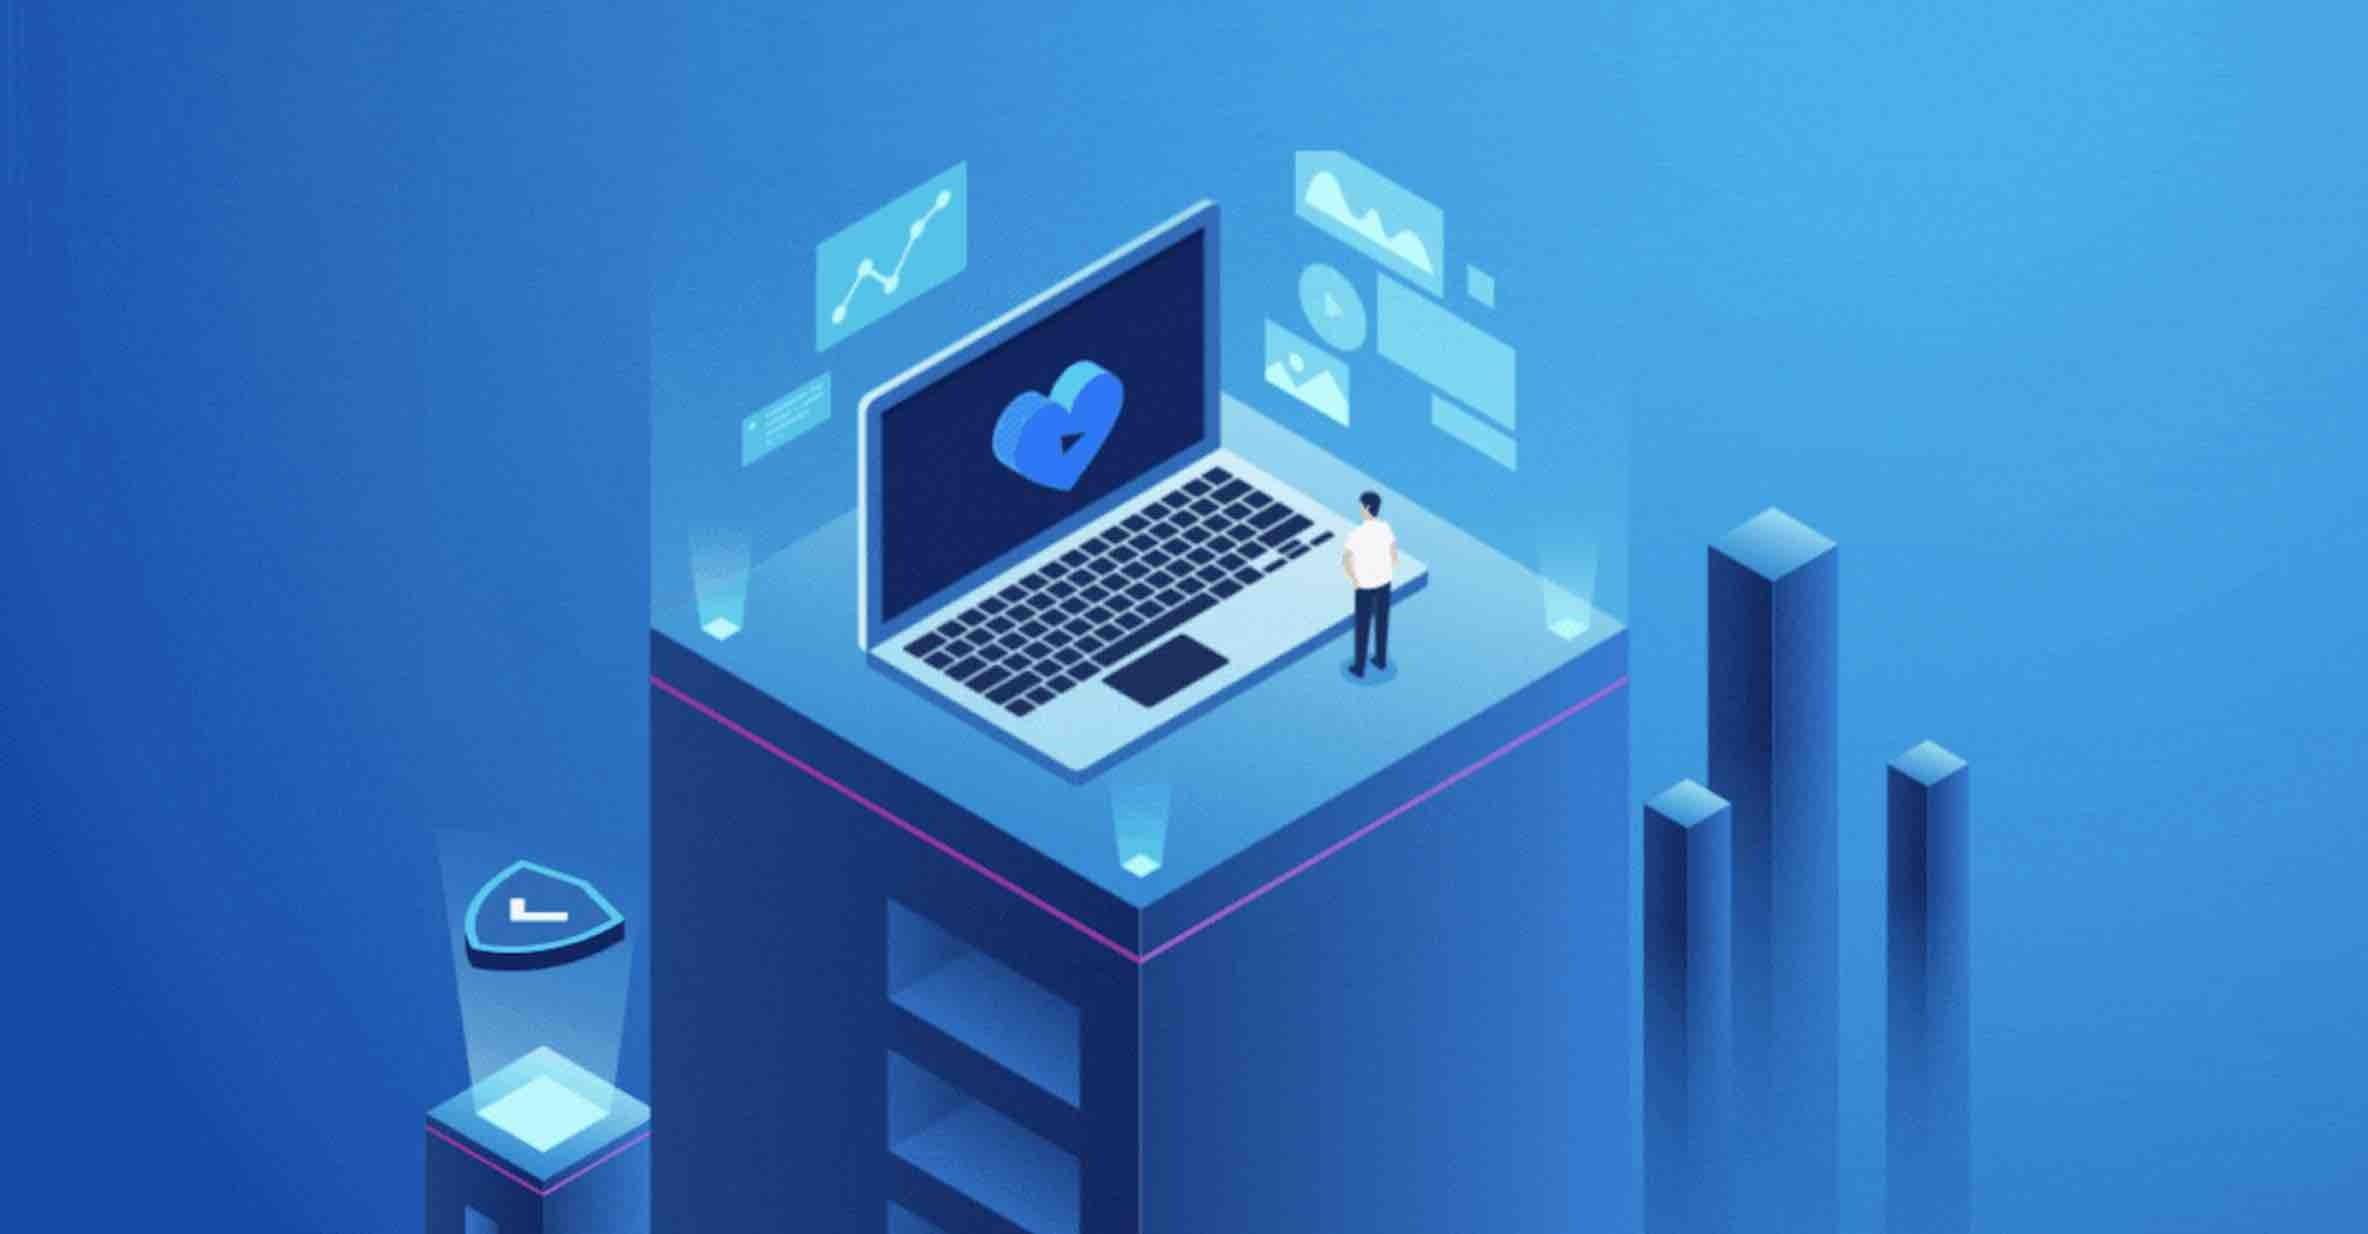 9 Reasons Why Tech Enterprises Love 2D Explainer Videos